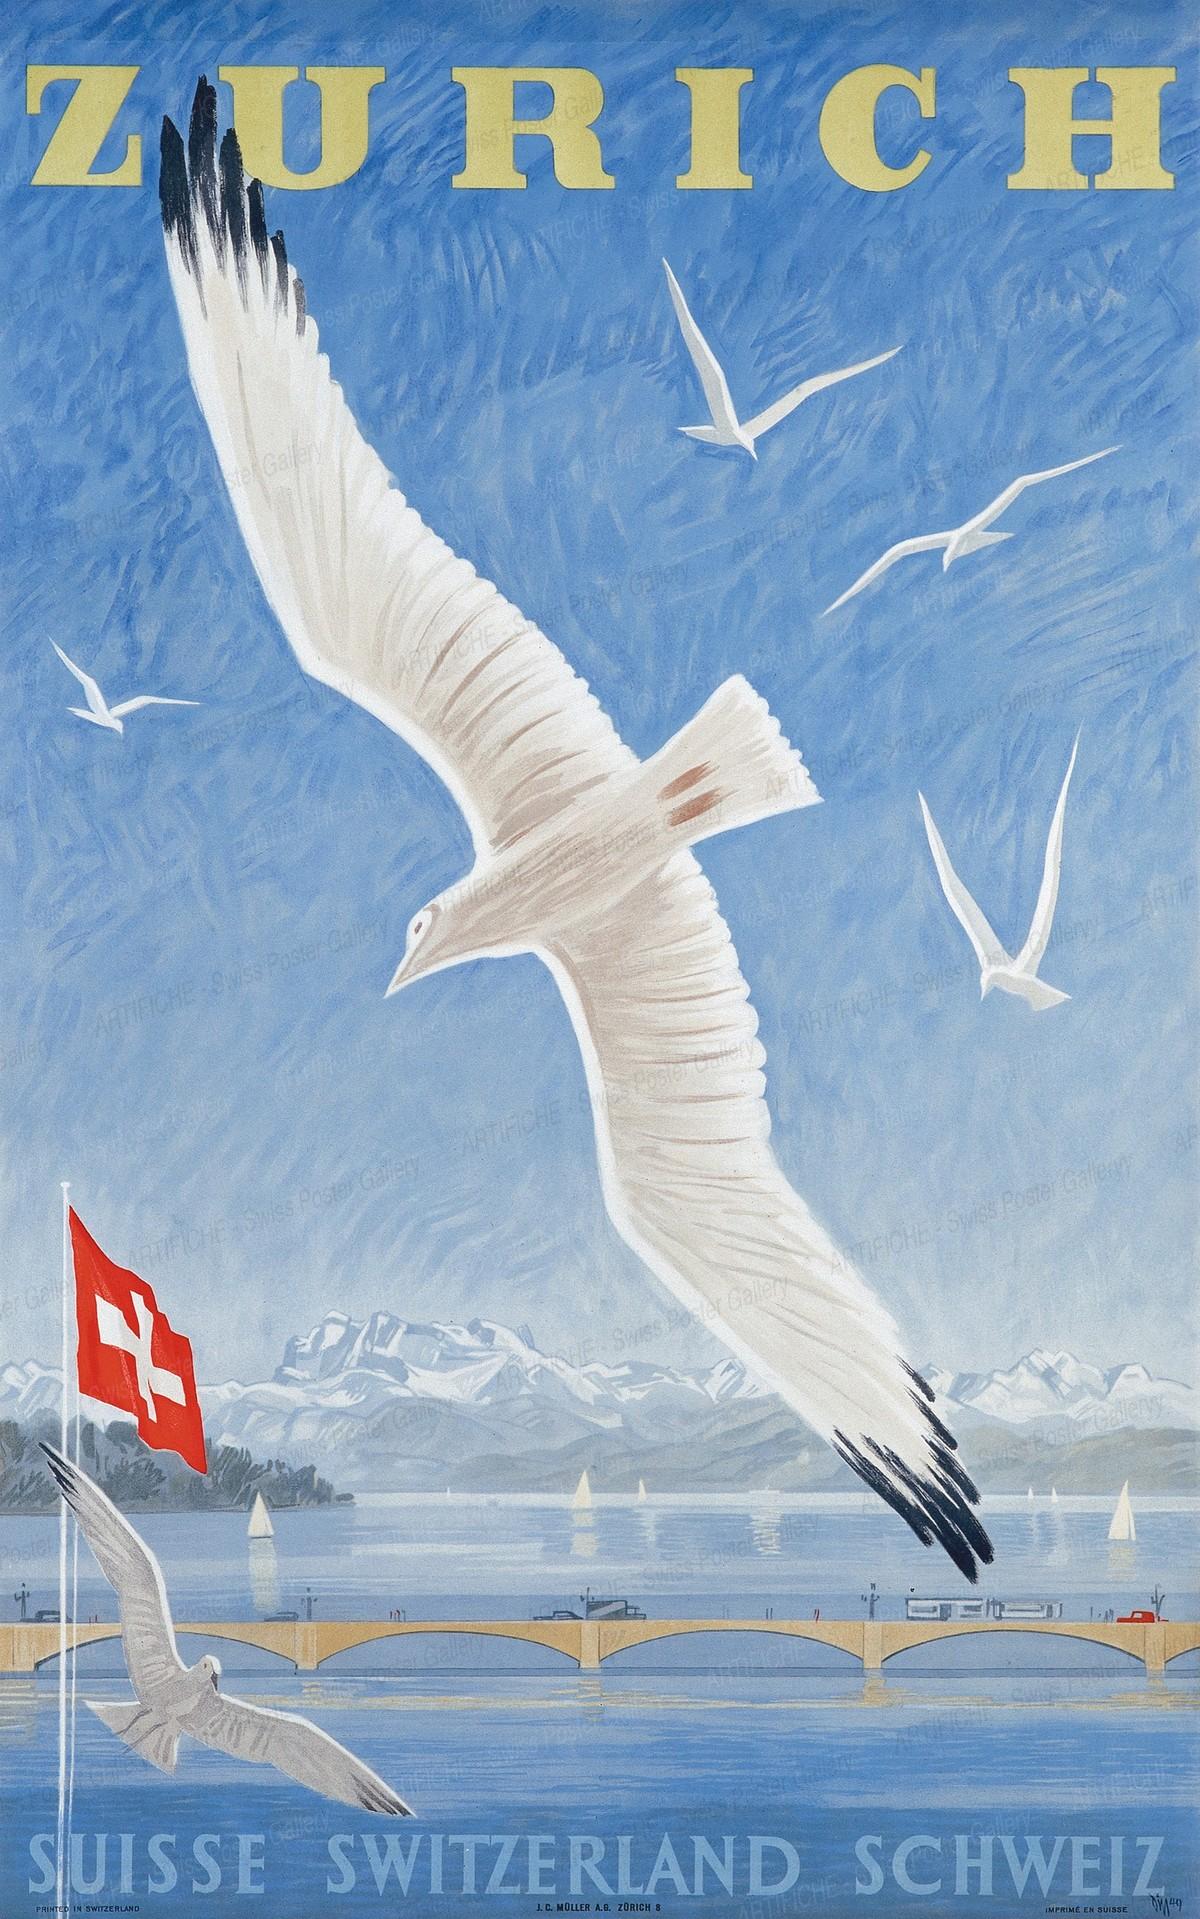 ZURICH – SUISSE SWITZERLAND SCHWEIZ, Alex Walter Diggelmann